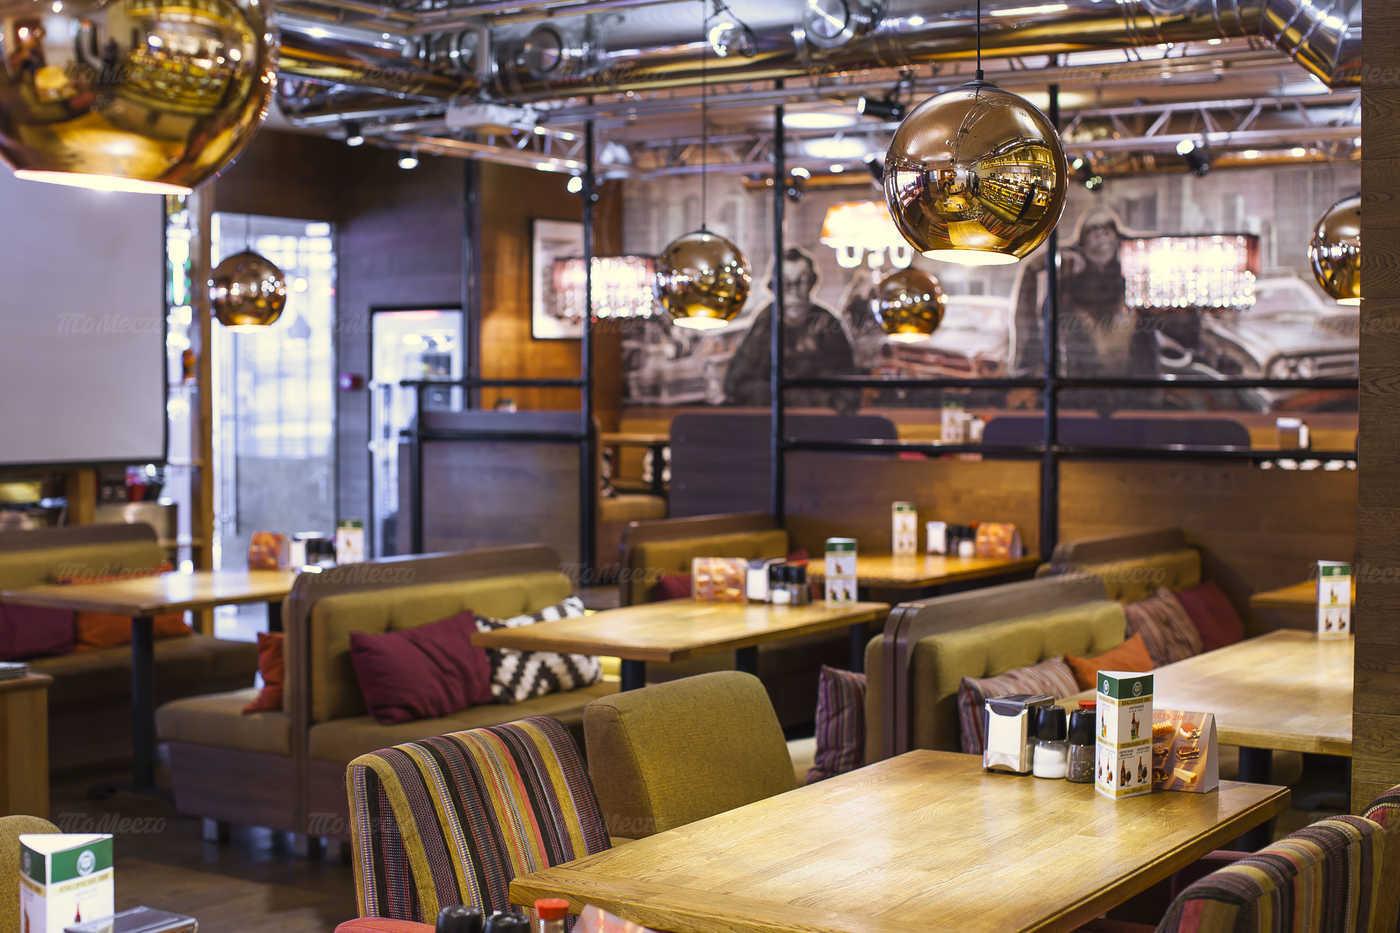 Ресторан Нью-Йорк пицца и гриль на Серебрянической набережной